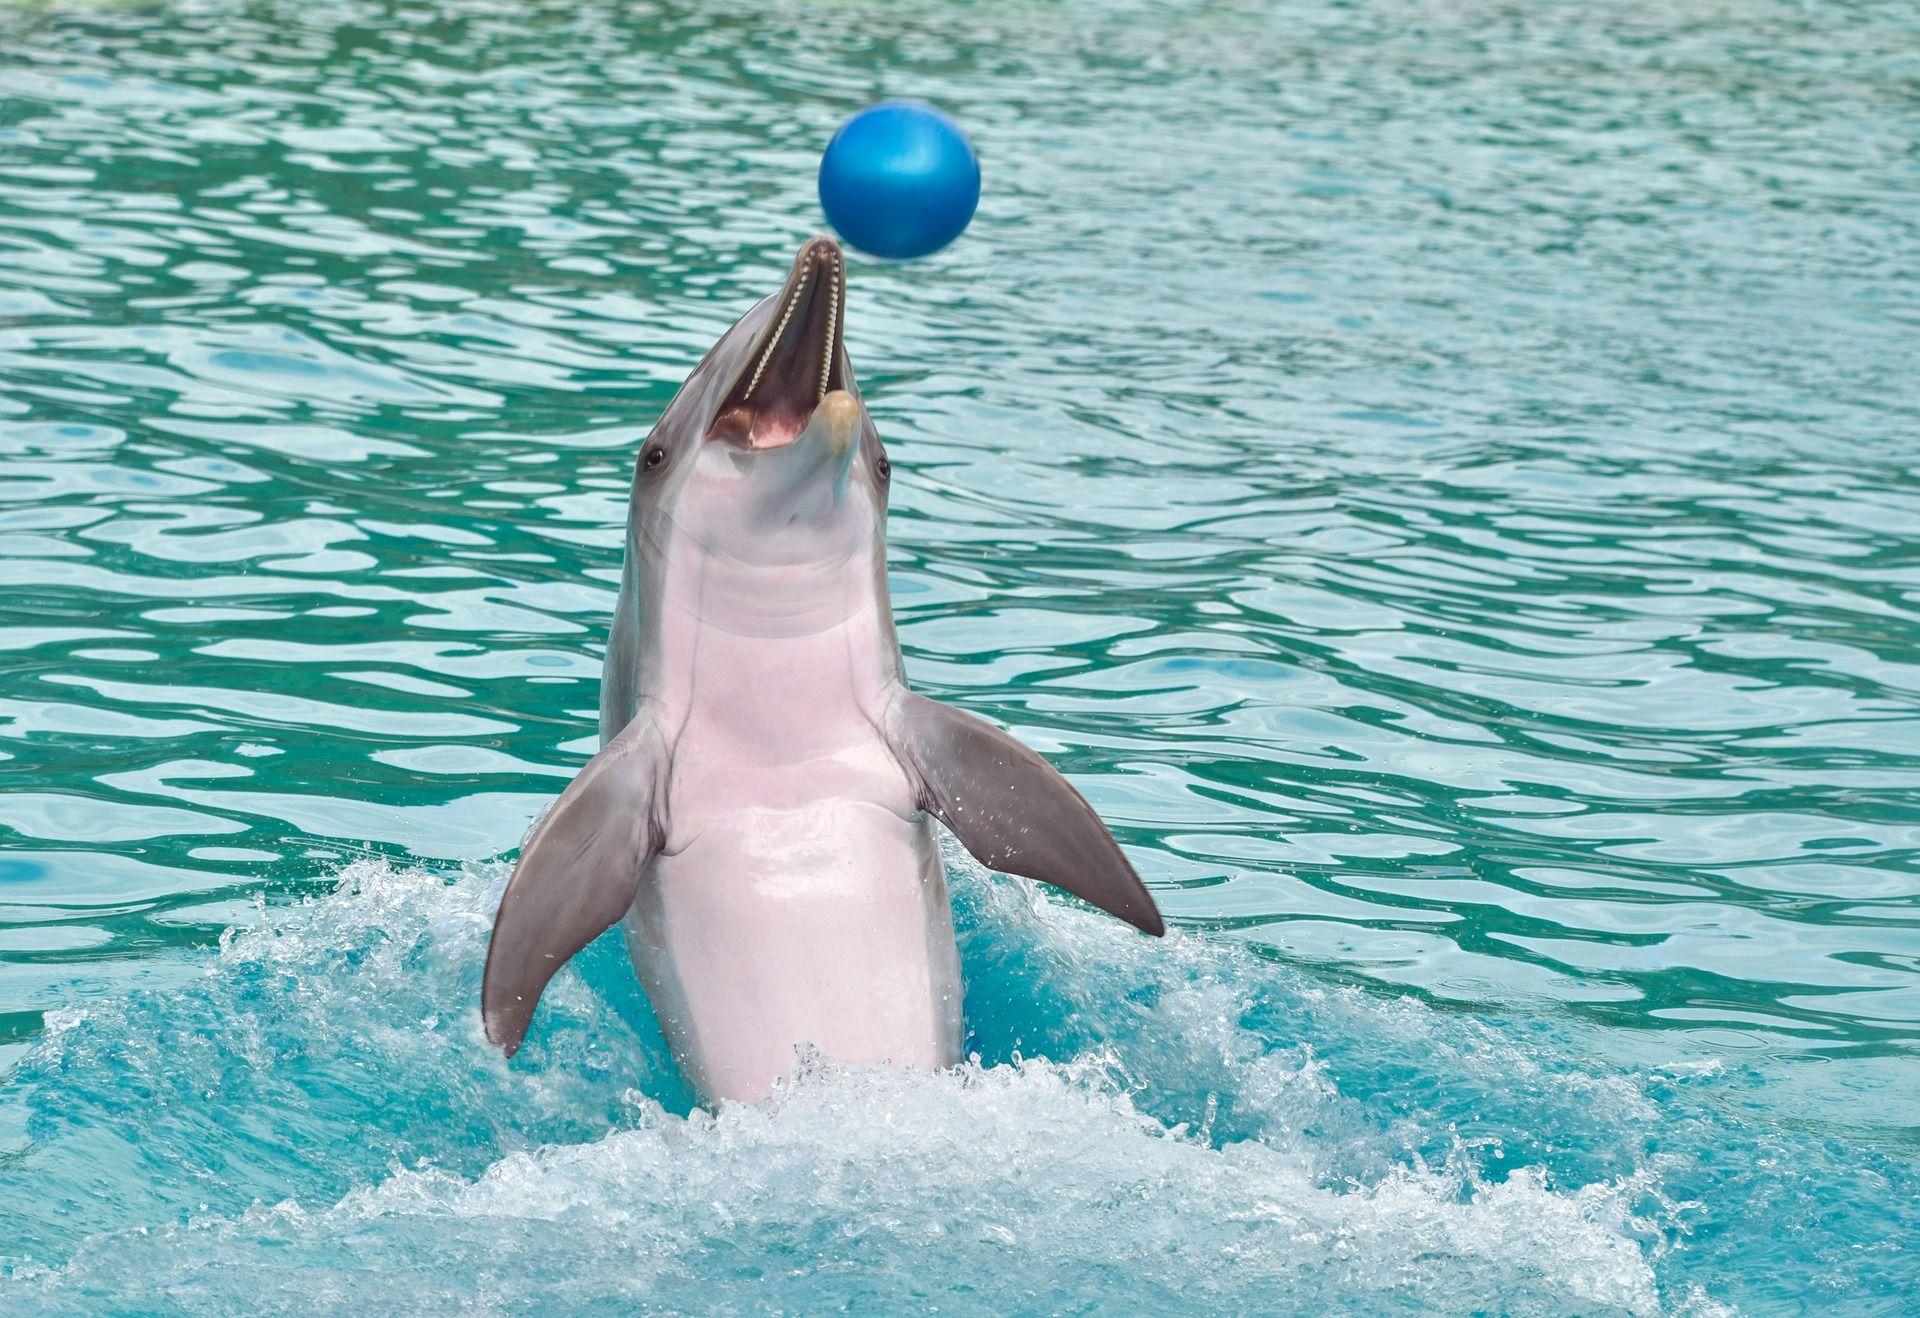 Купить фото дельфина? Скачать бесплатно